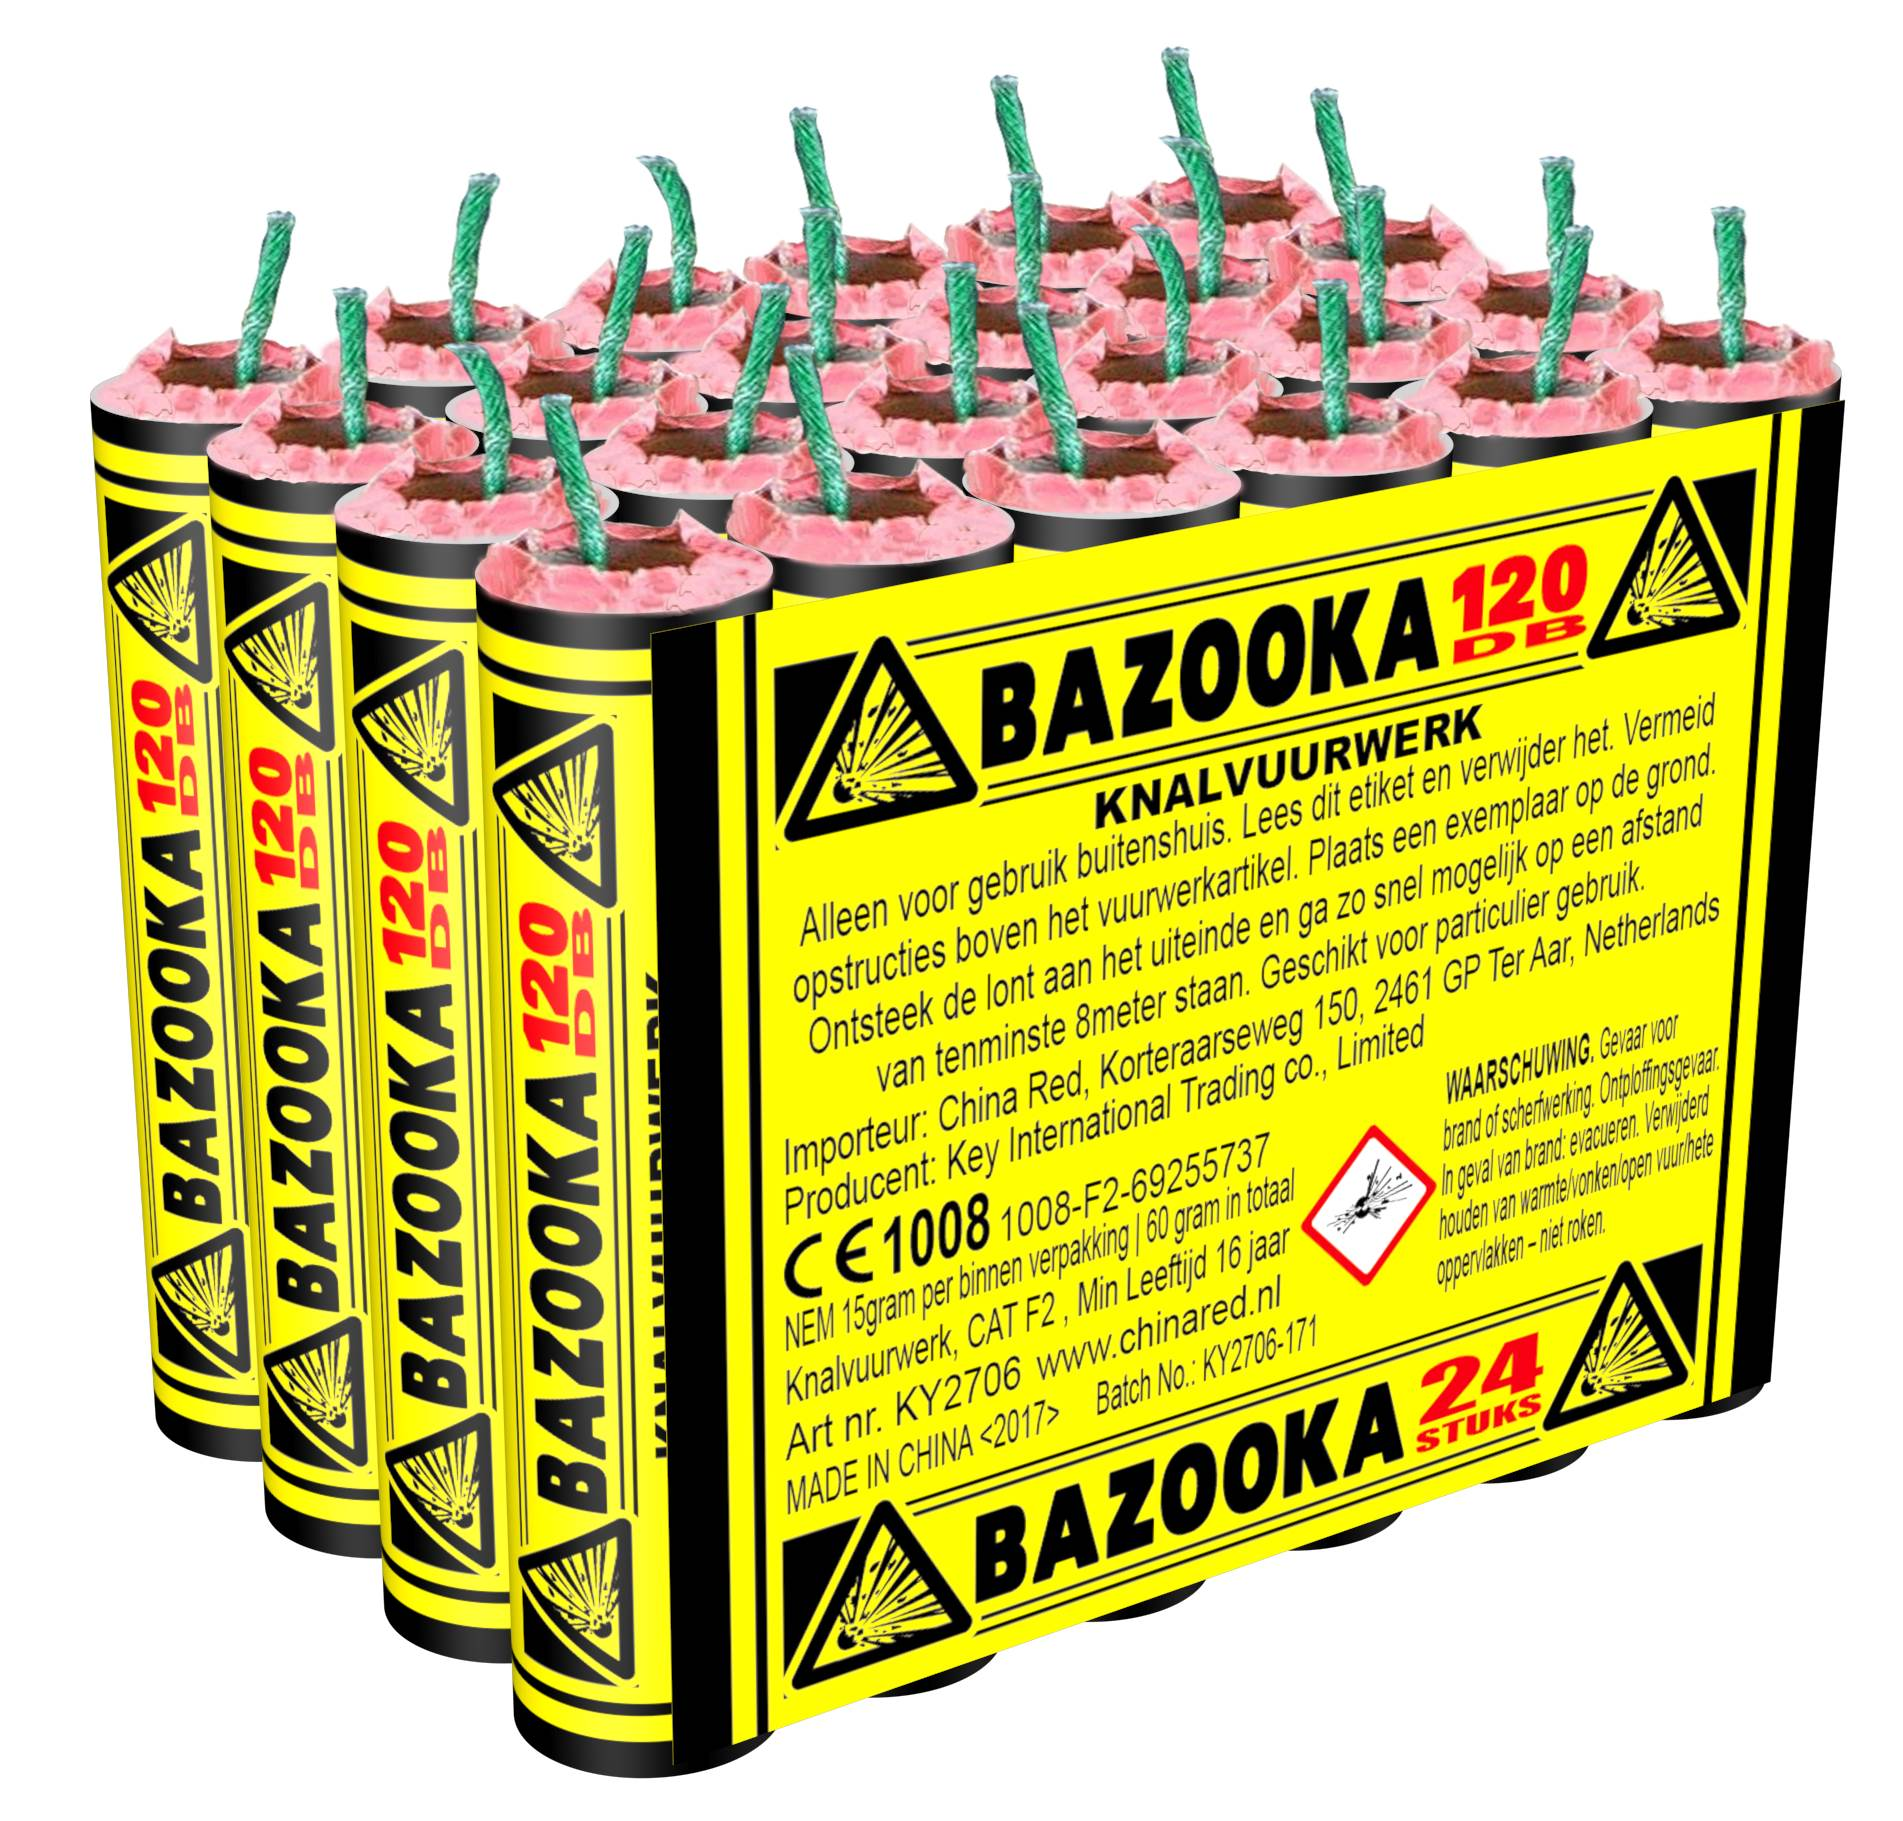 Bazooka (24 stuks)